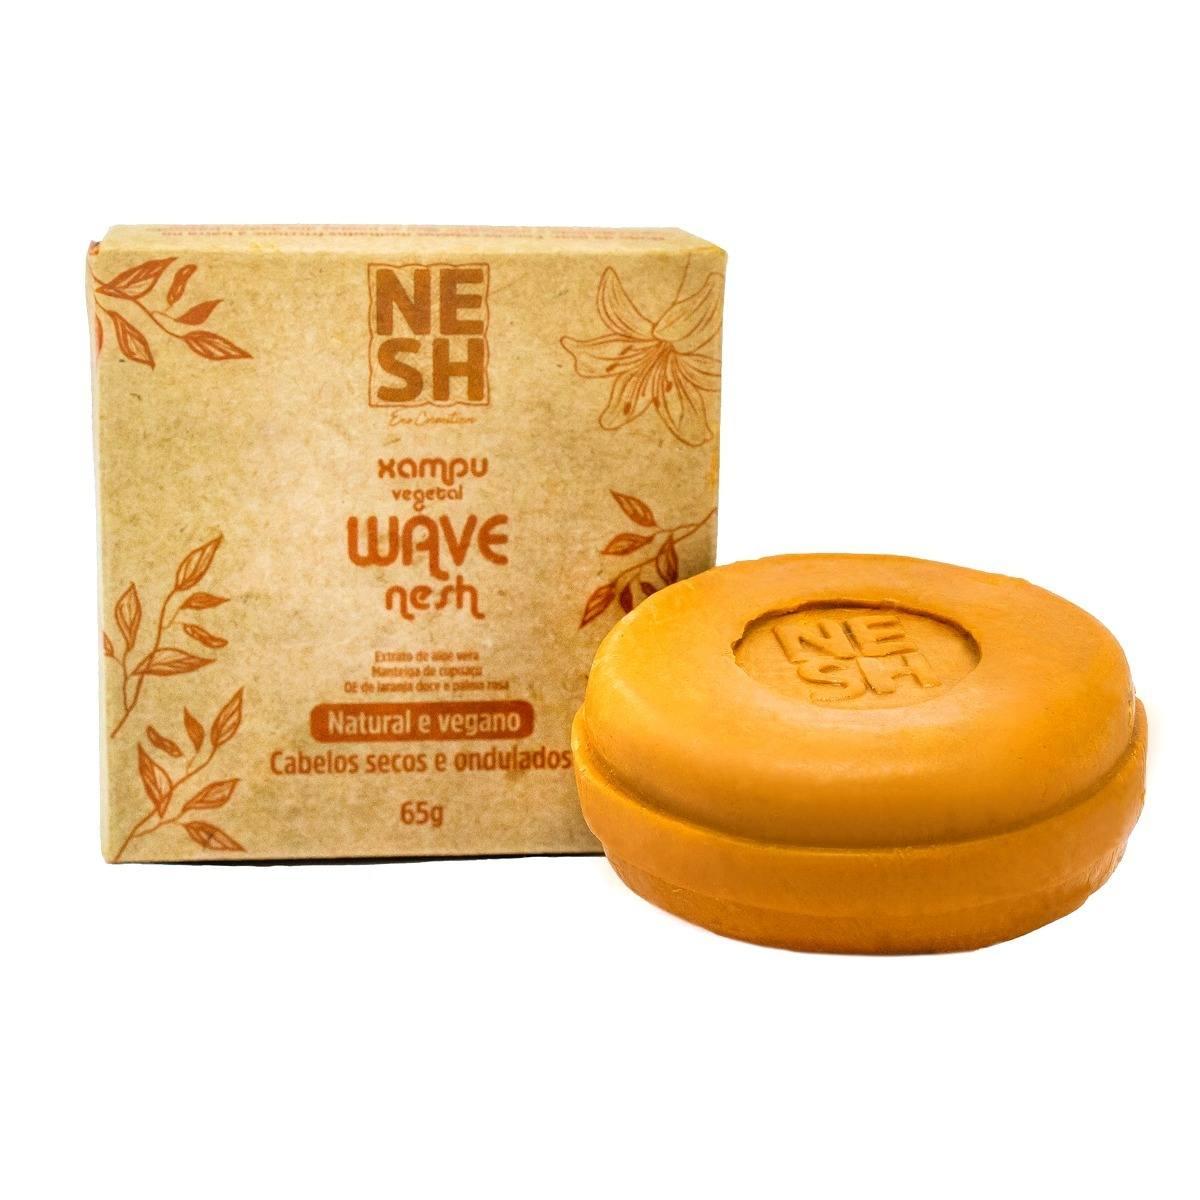 Shampoo em Barra WAVE Natural e Vegano - Nesh Cosméticos 65g